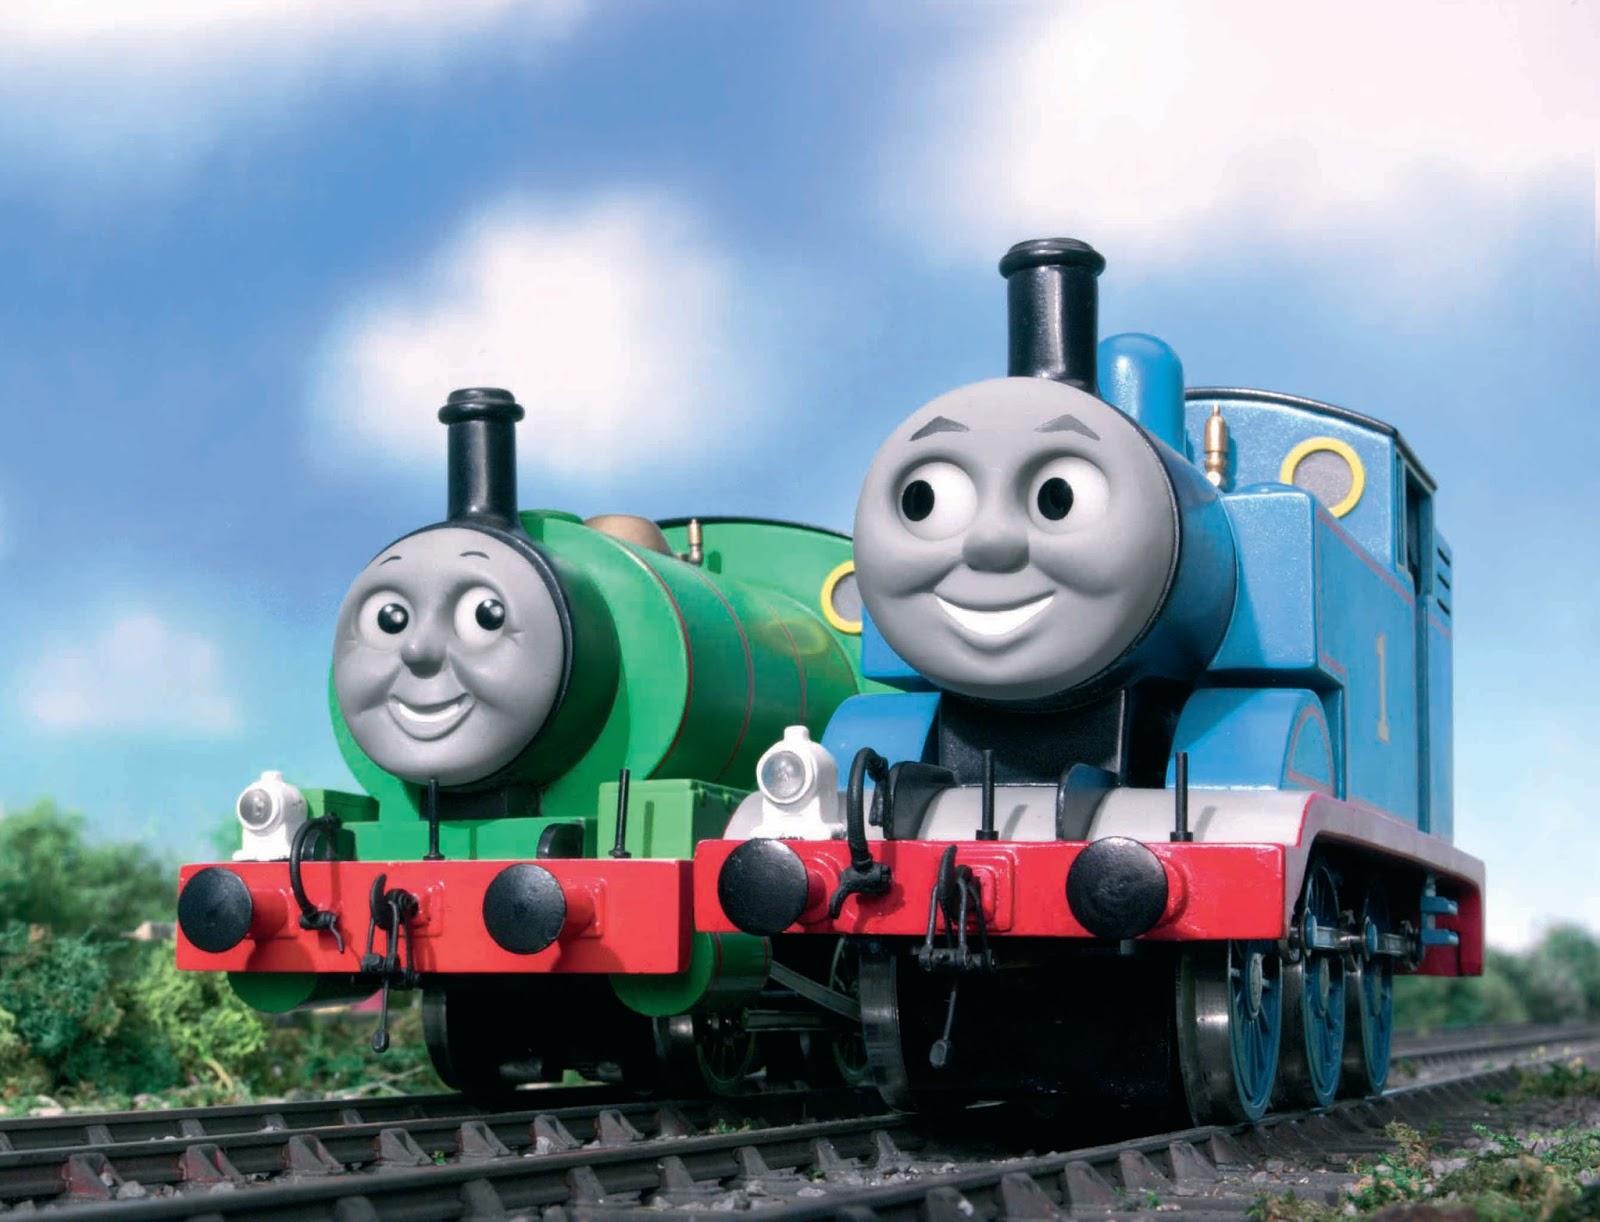 Gambar kereta api thomas friend Lucu Untuk Mainan Anak - Gambat-gambar ...